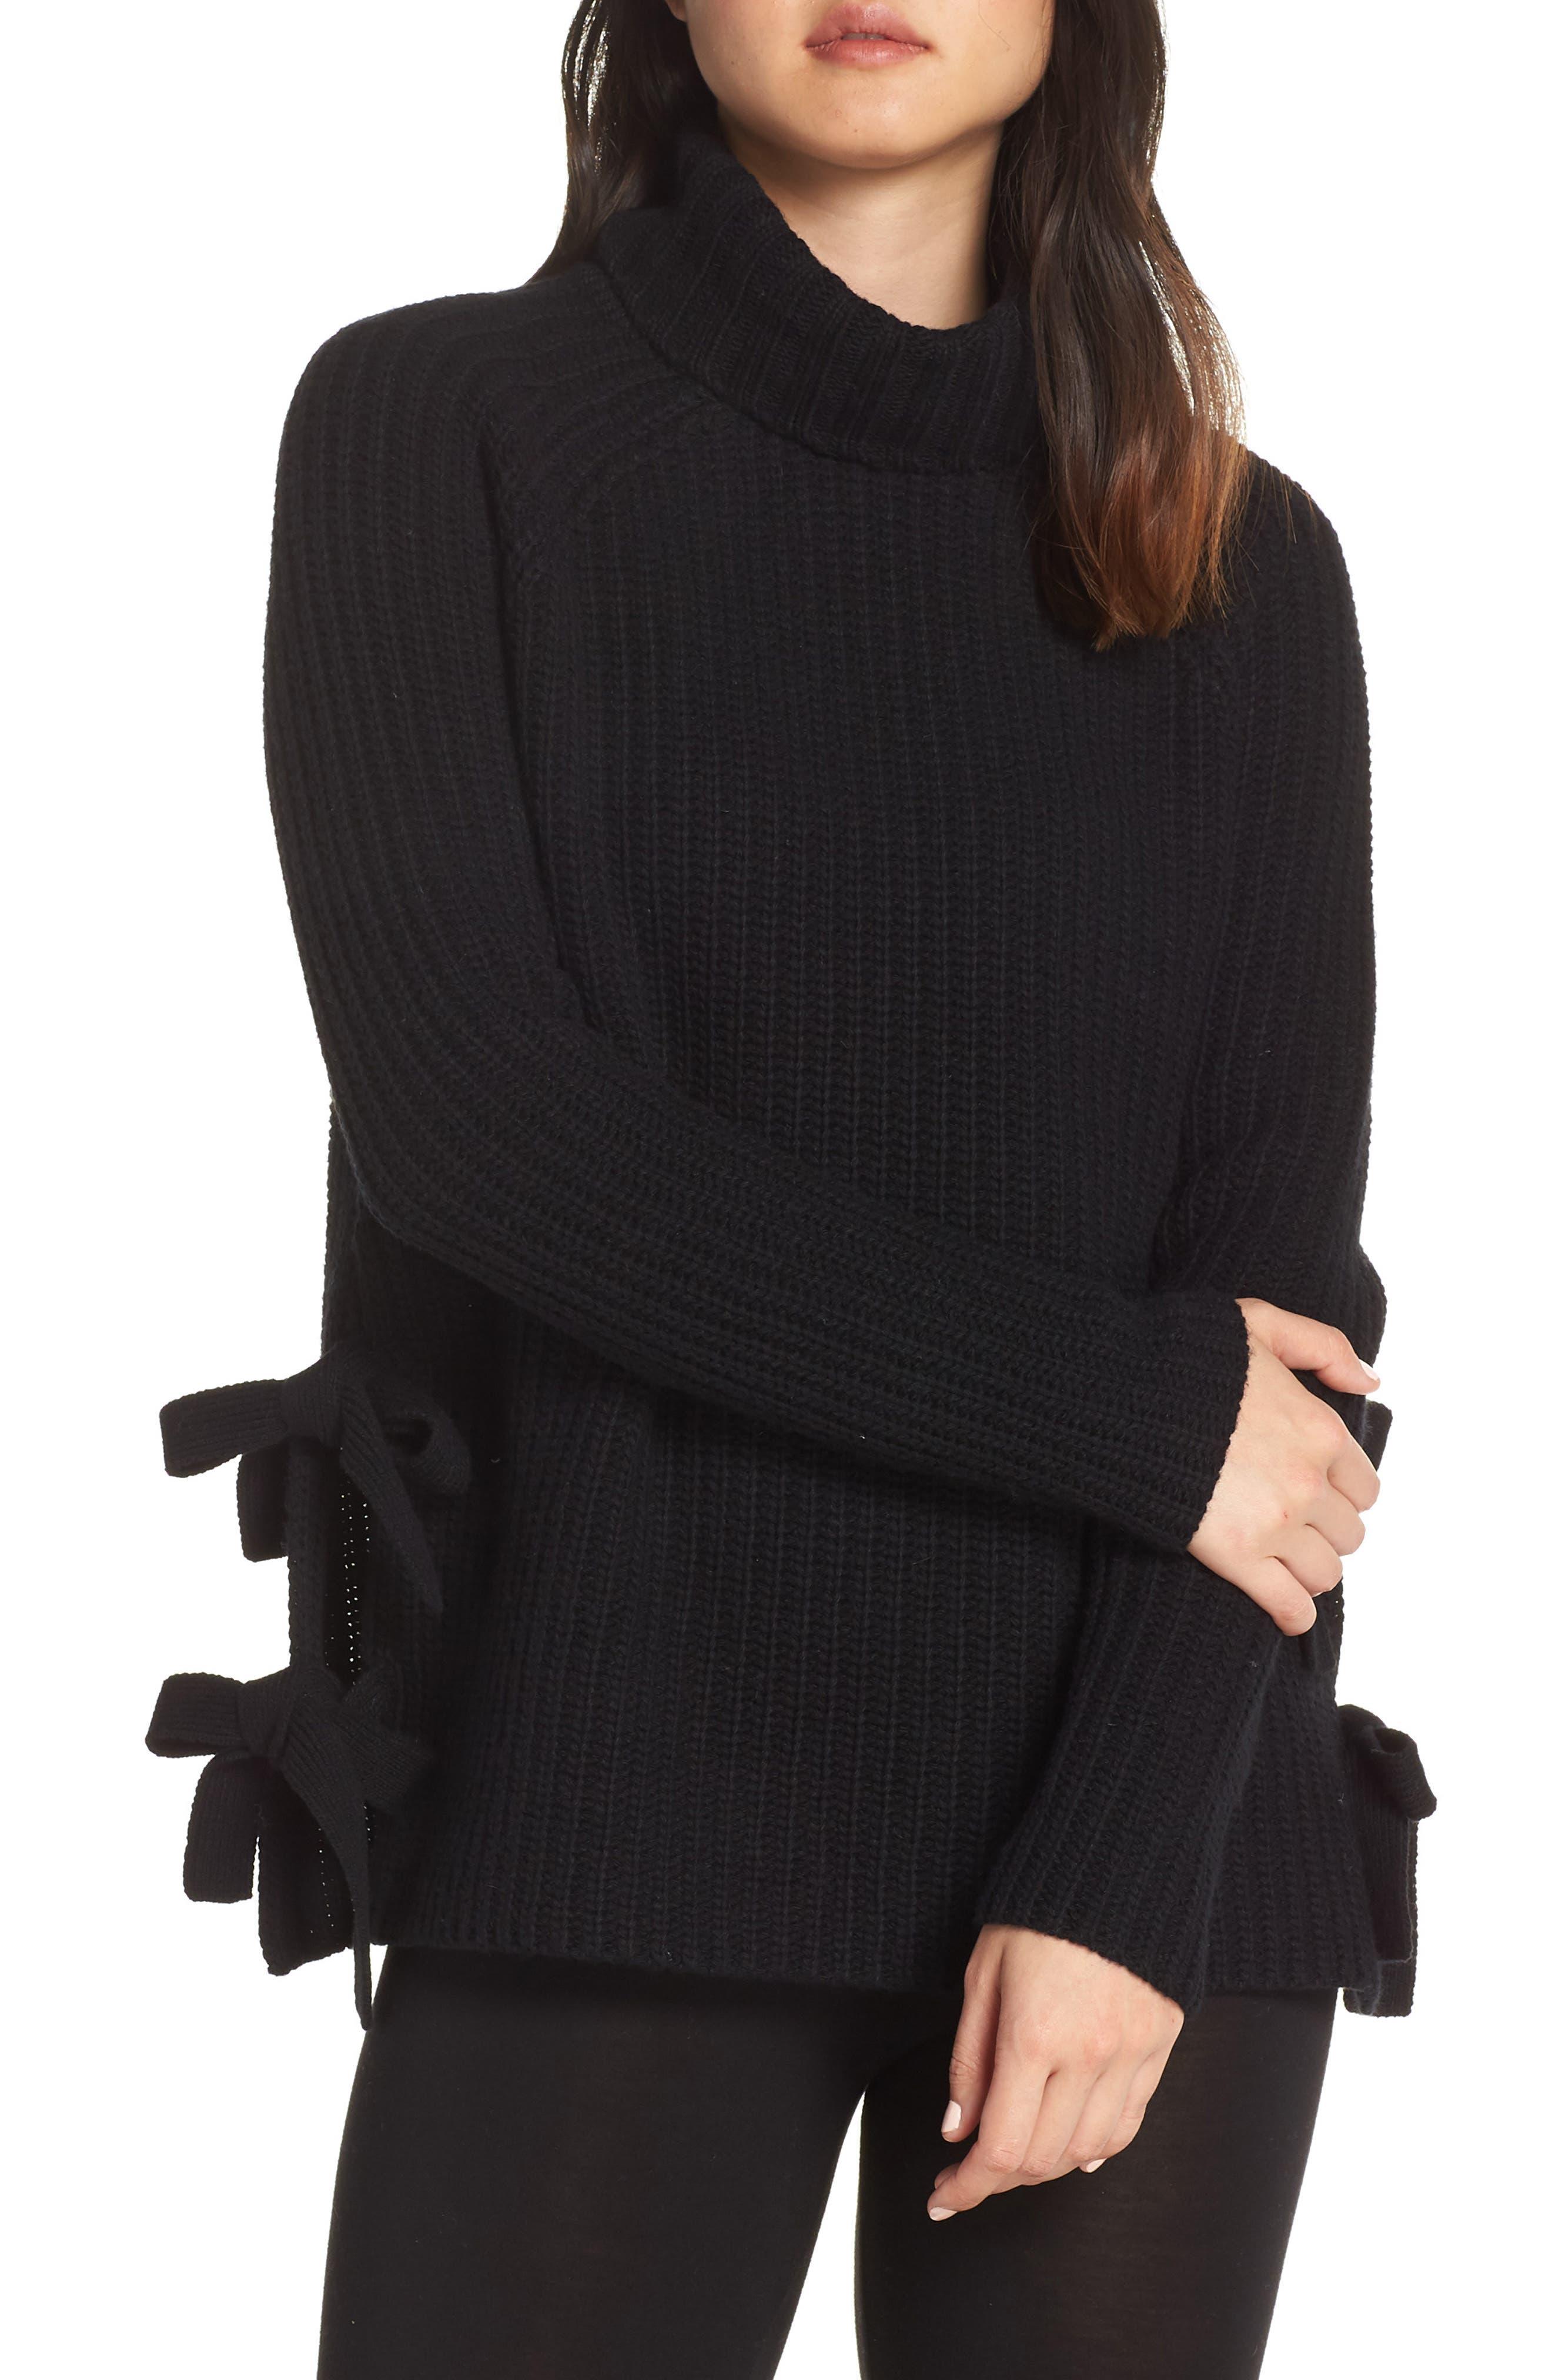 Ceanne Turtleneck Sweater,                             Main thumbnail 1, color,                             001